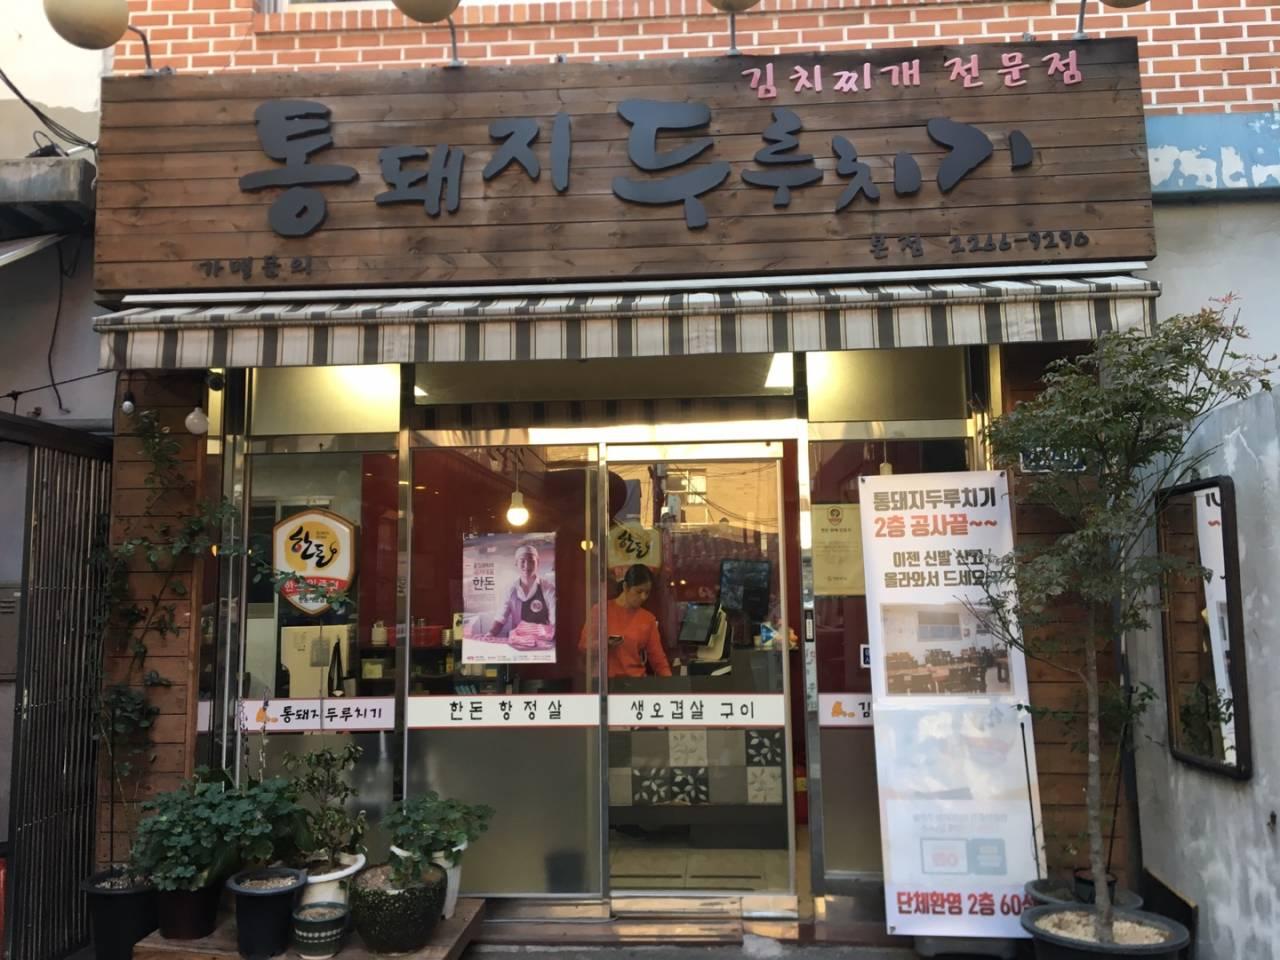 辣炒大块猪肉(통돼지두루치기)